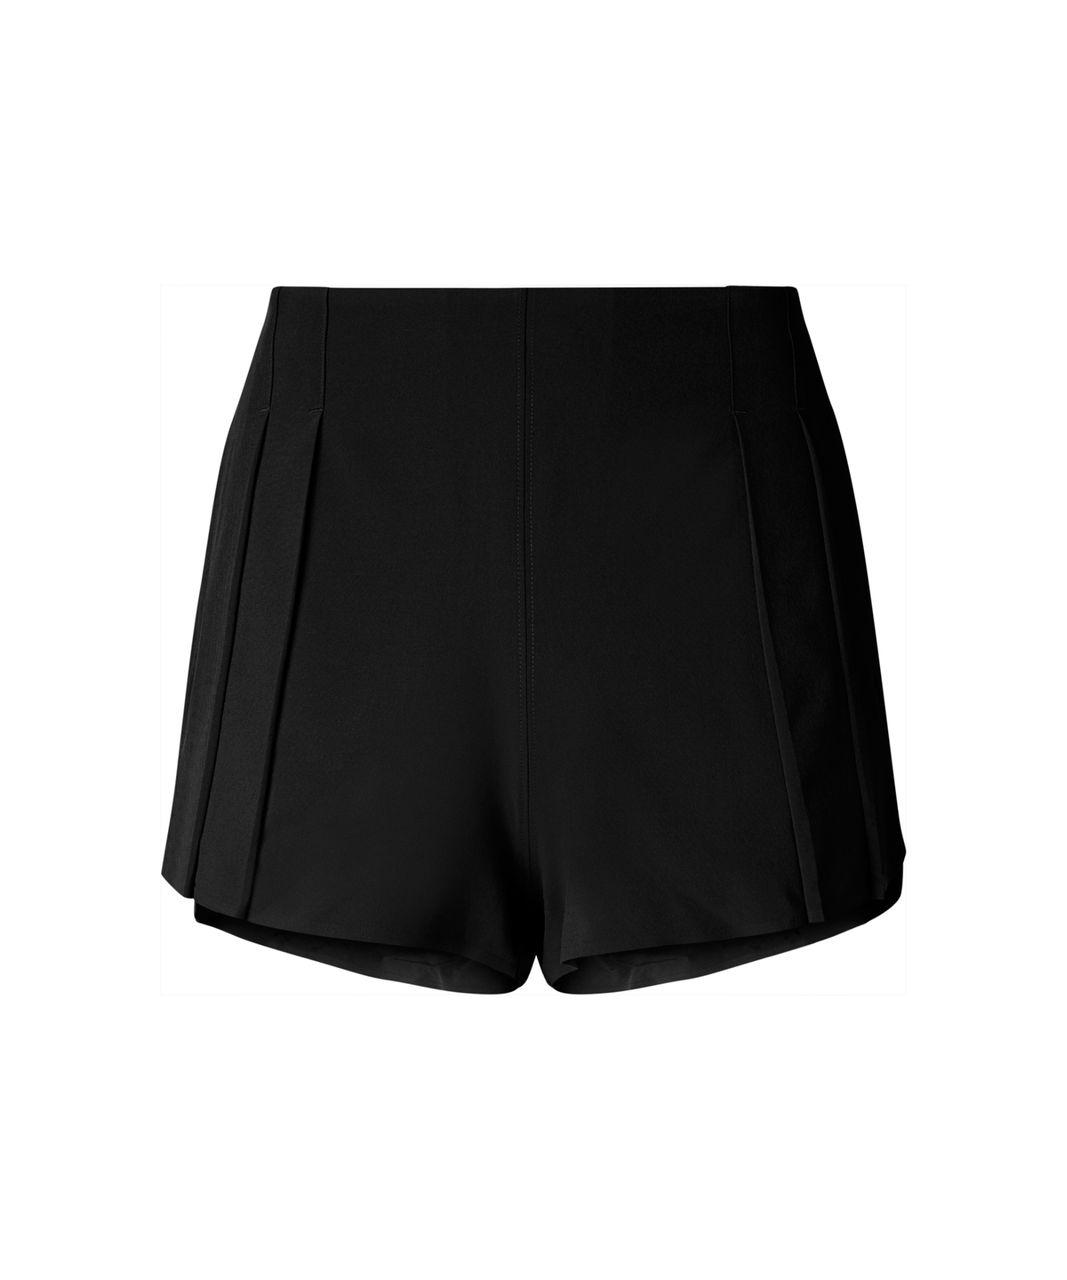 Lululemon &go Endeavor Short - Black